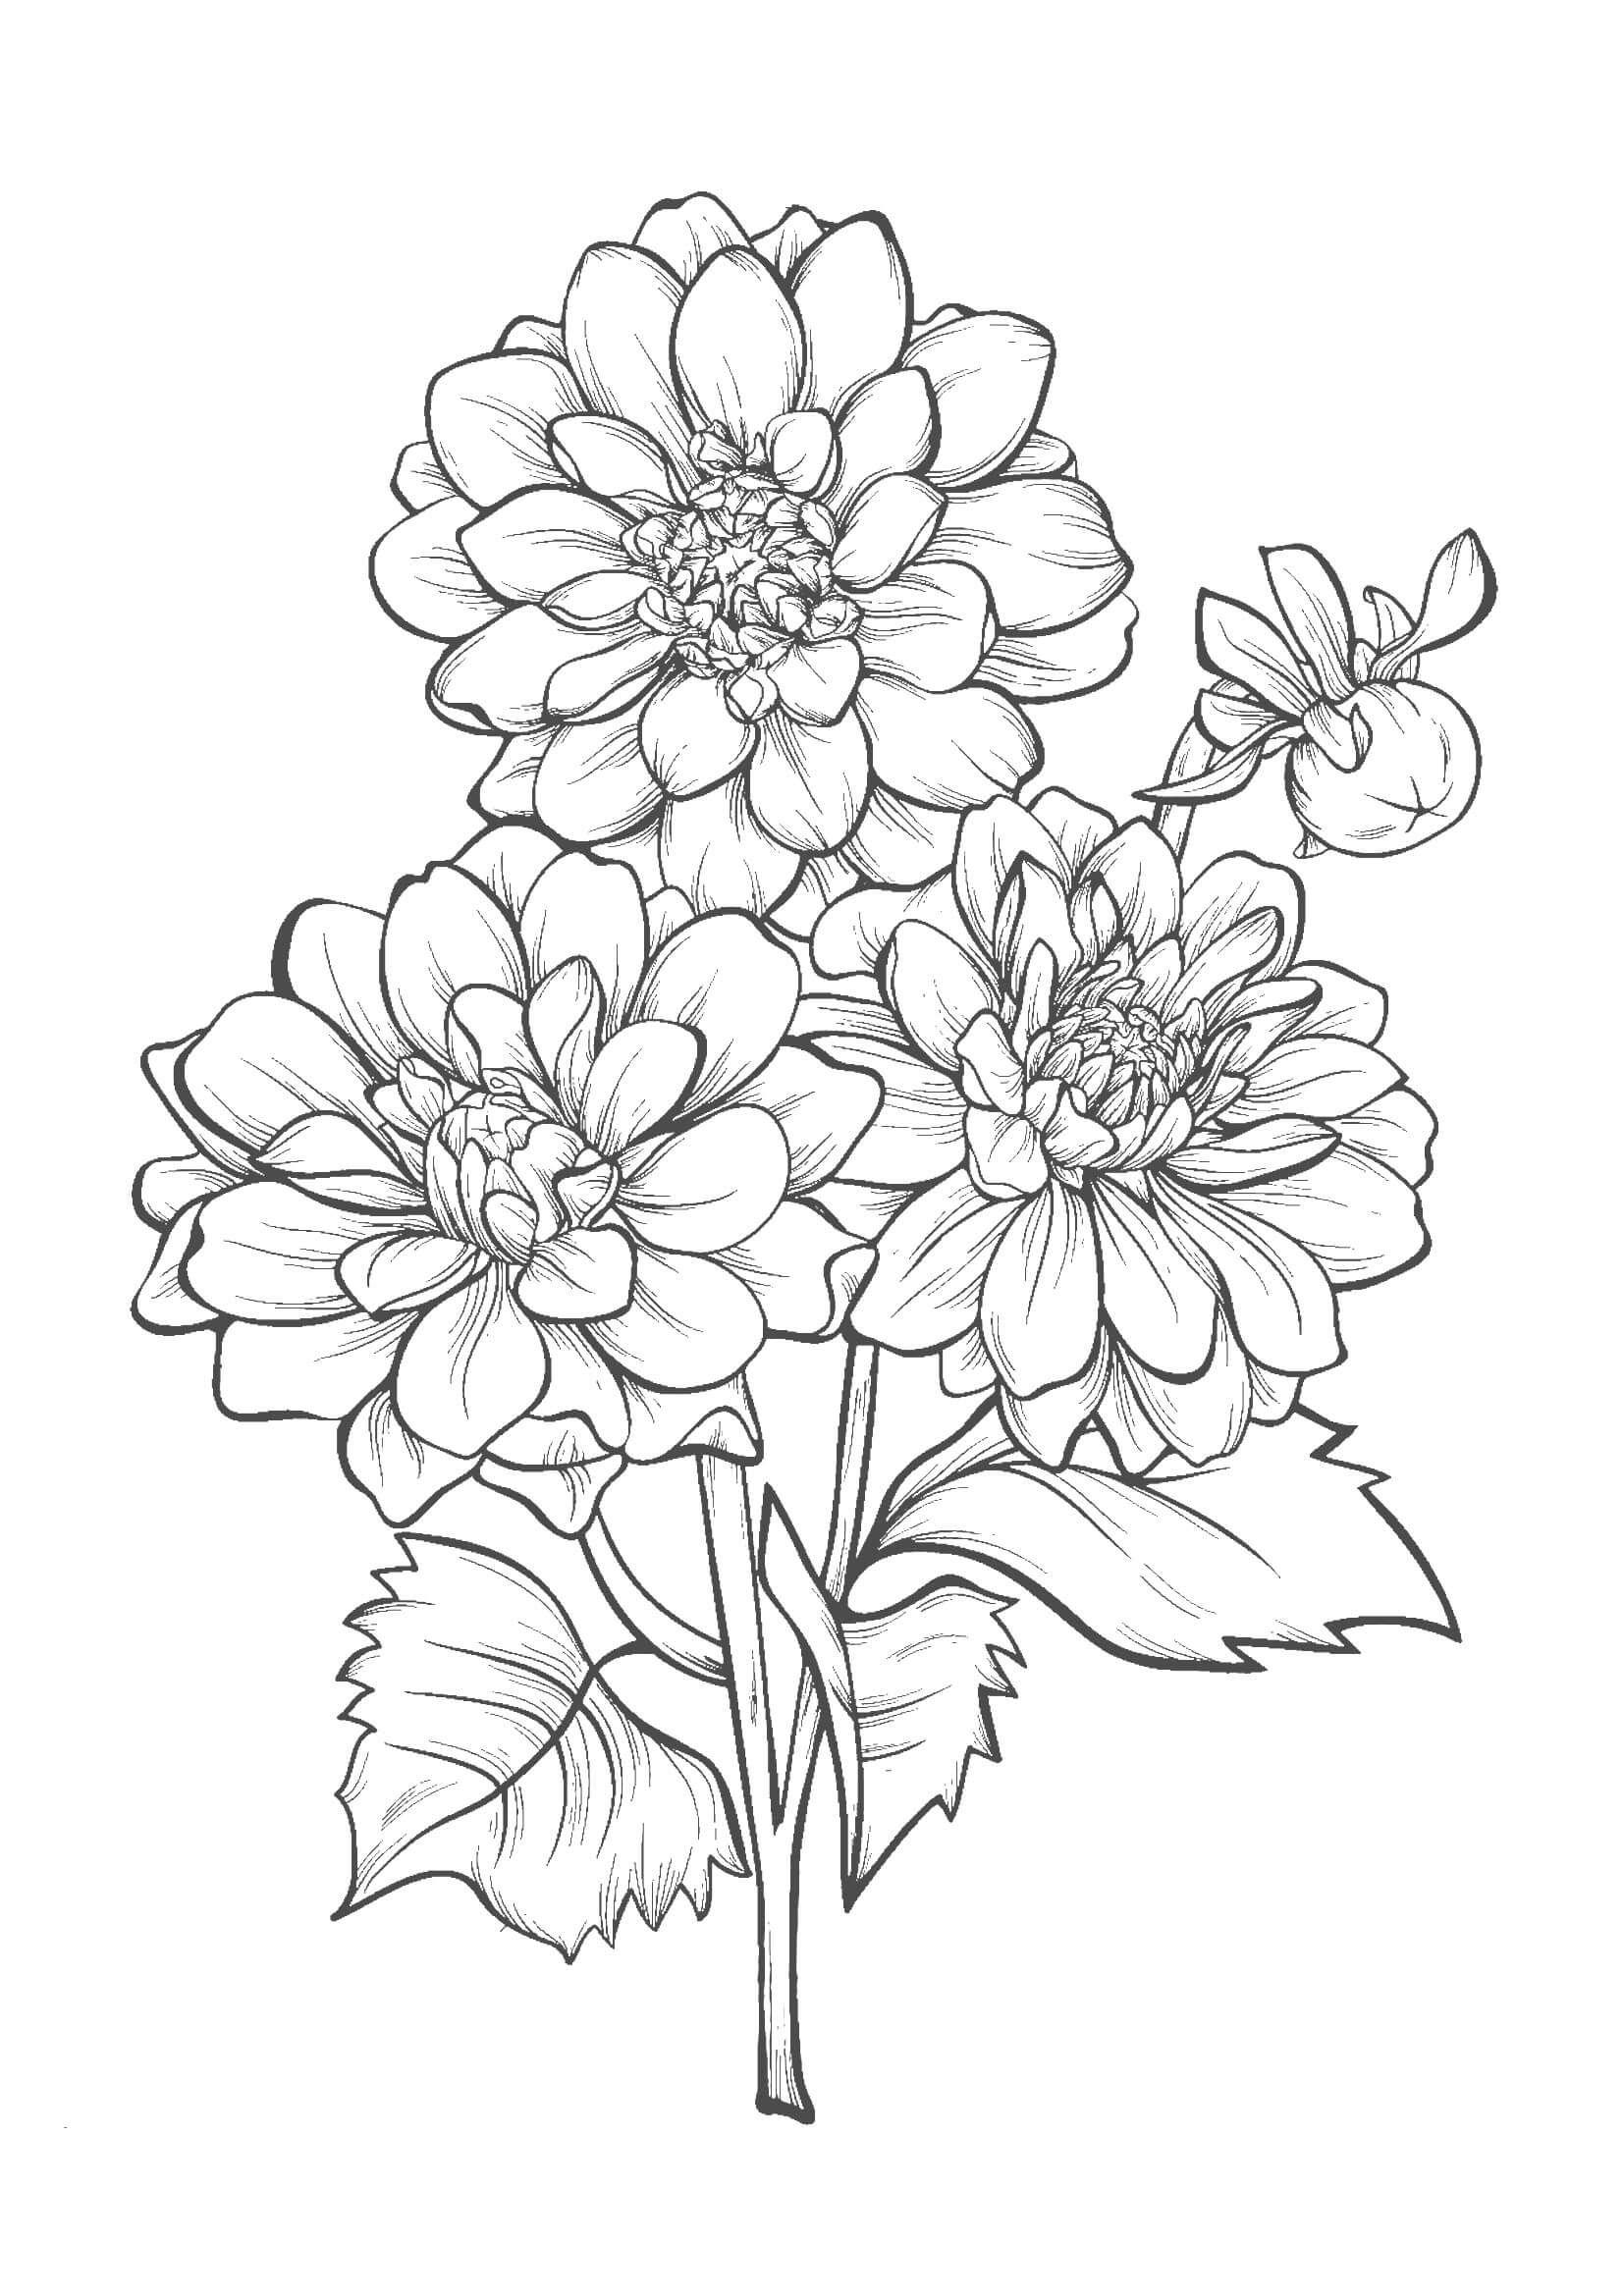 花04 A4無料印刷の大人のぬりえ 切り絵 Flower Line Drawings